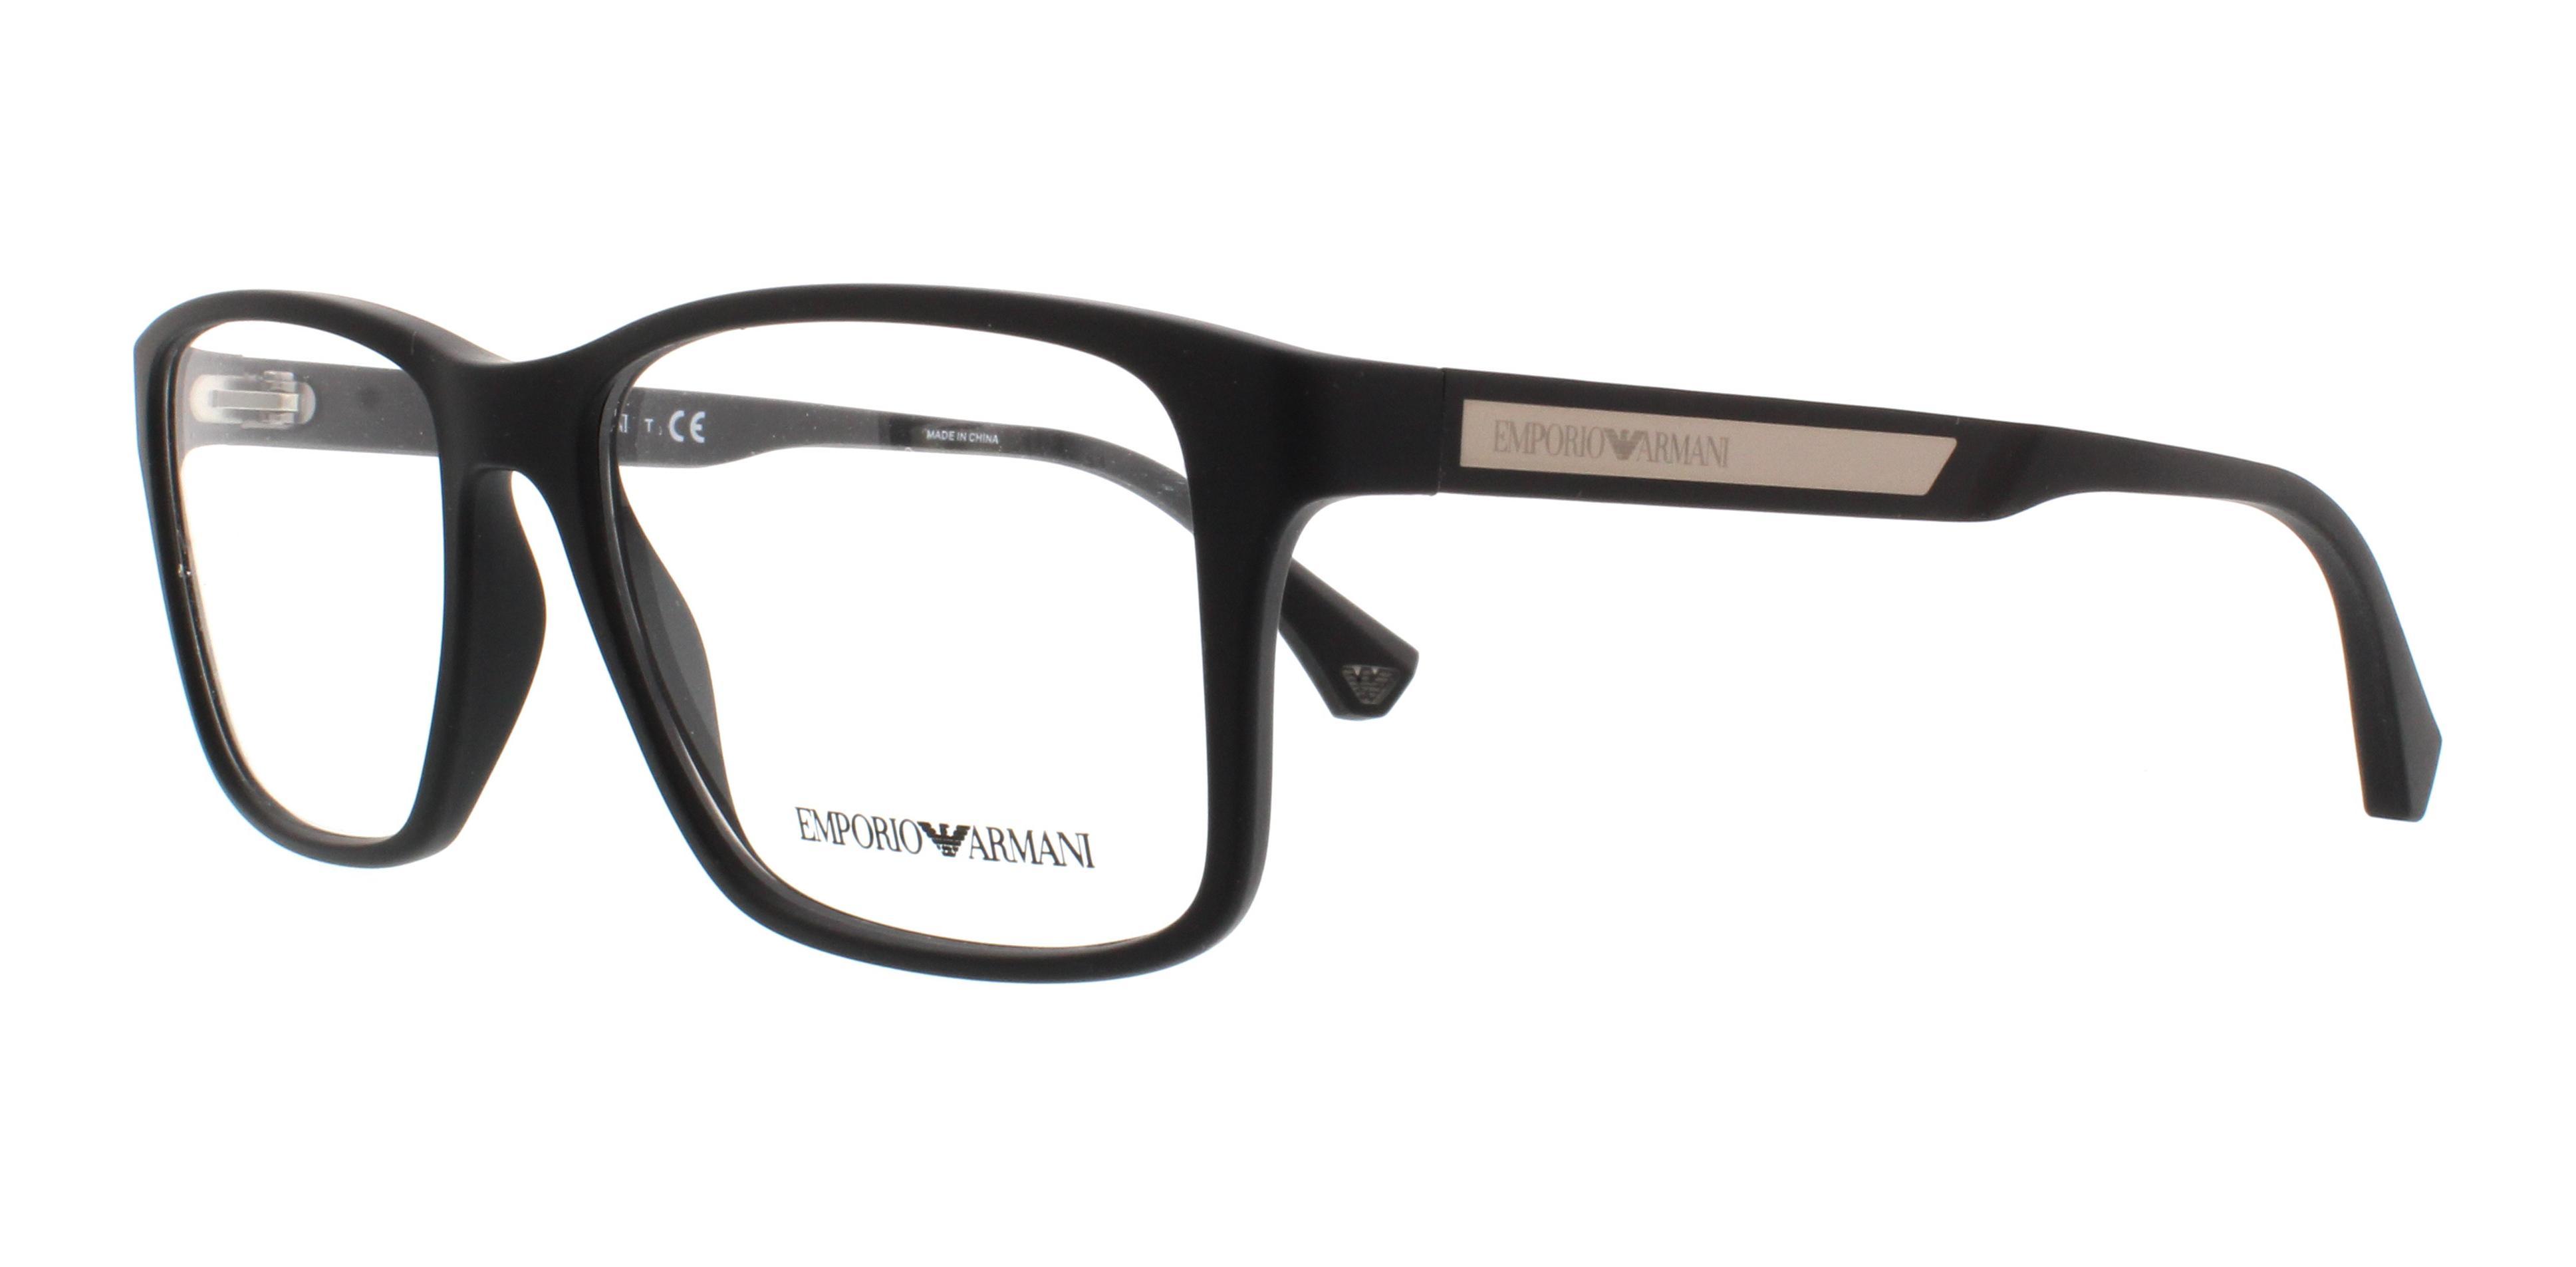 Designer Frames Outlet. Emporio Armani EA3055